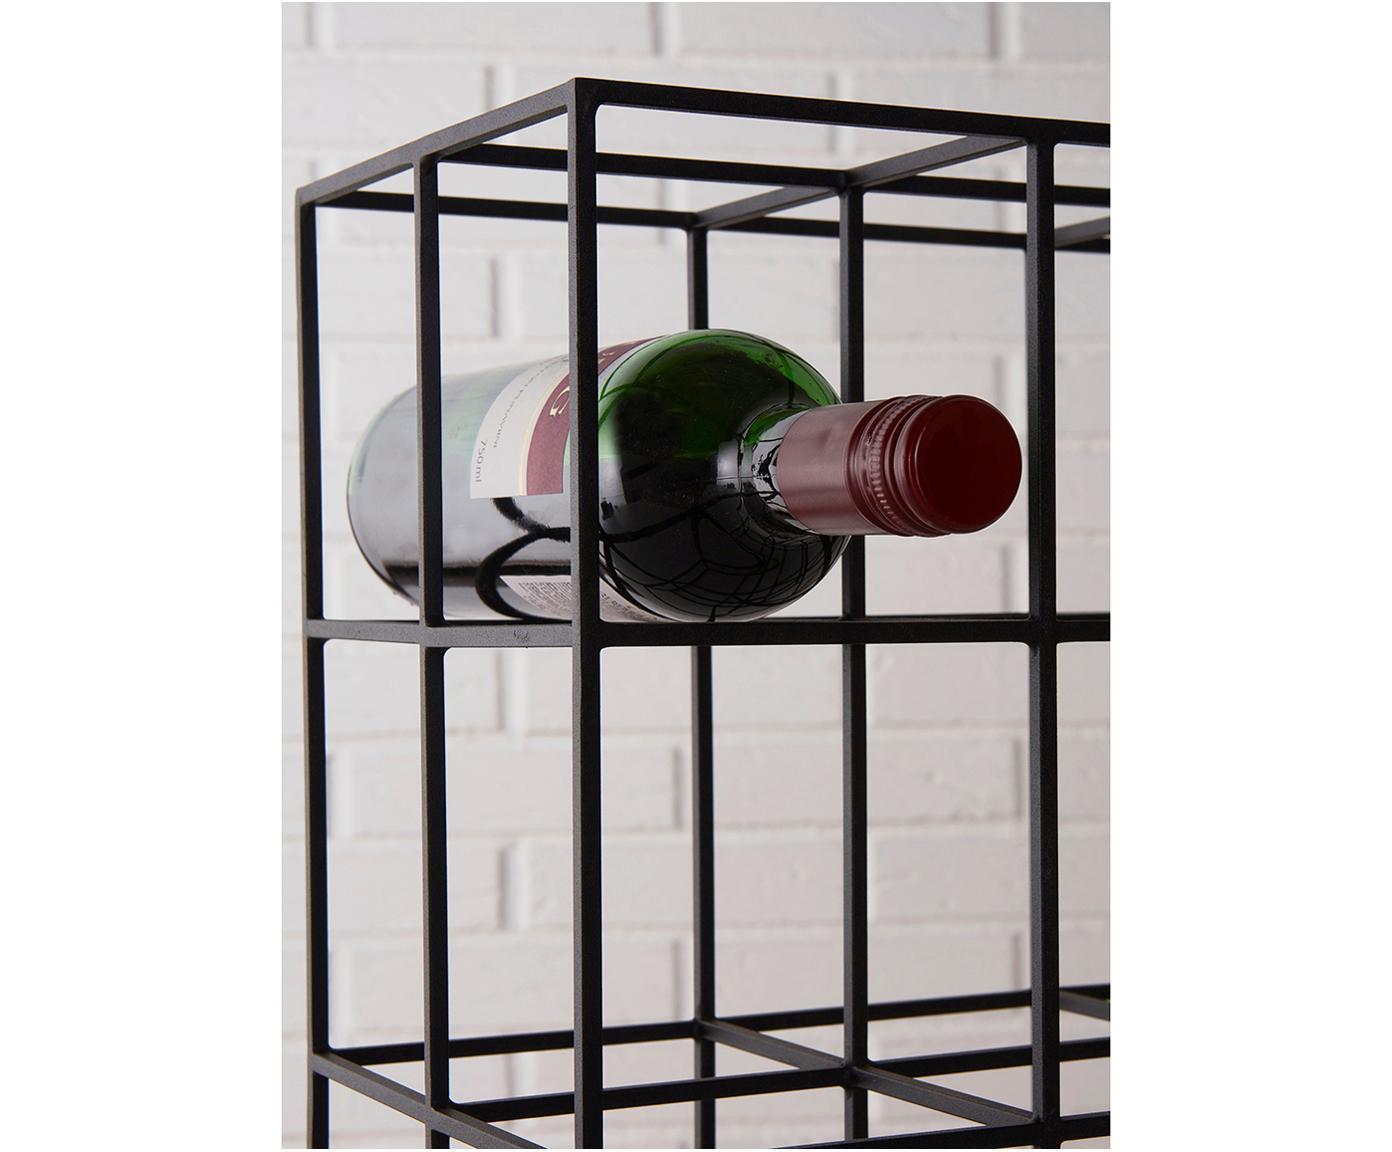 Metall-Weinregal Vinnie für 9 Flaschen, Metall, lackiert, Schwarz, matt, 37 x 37 cm